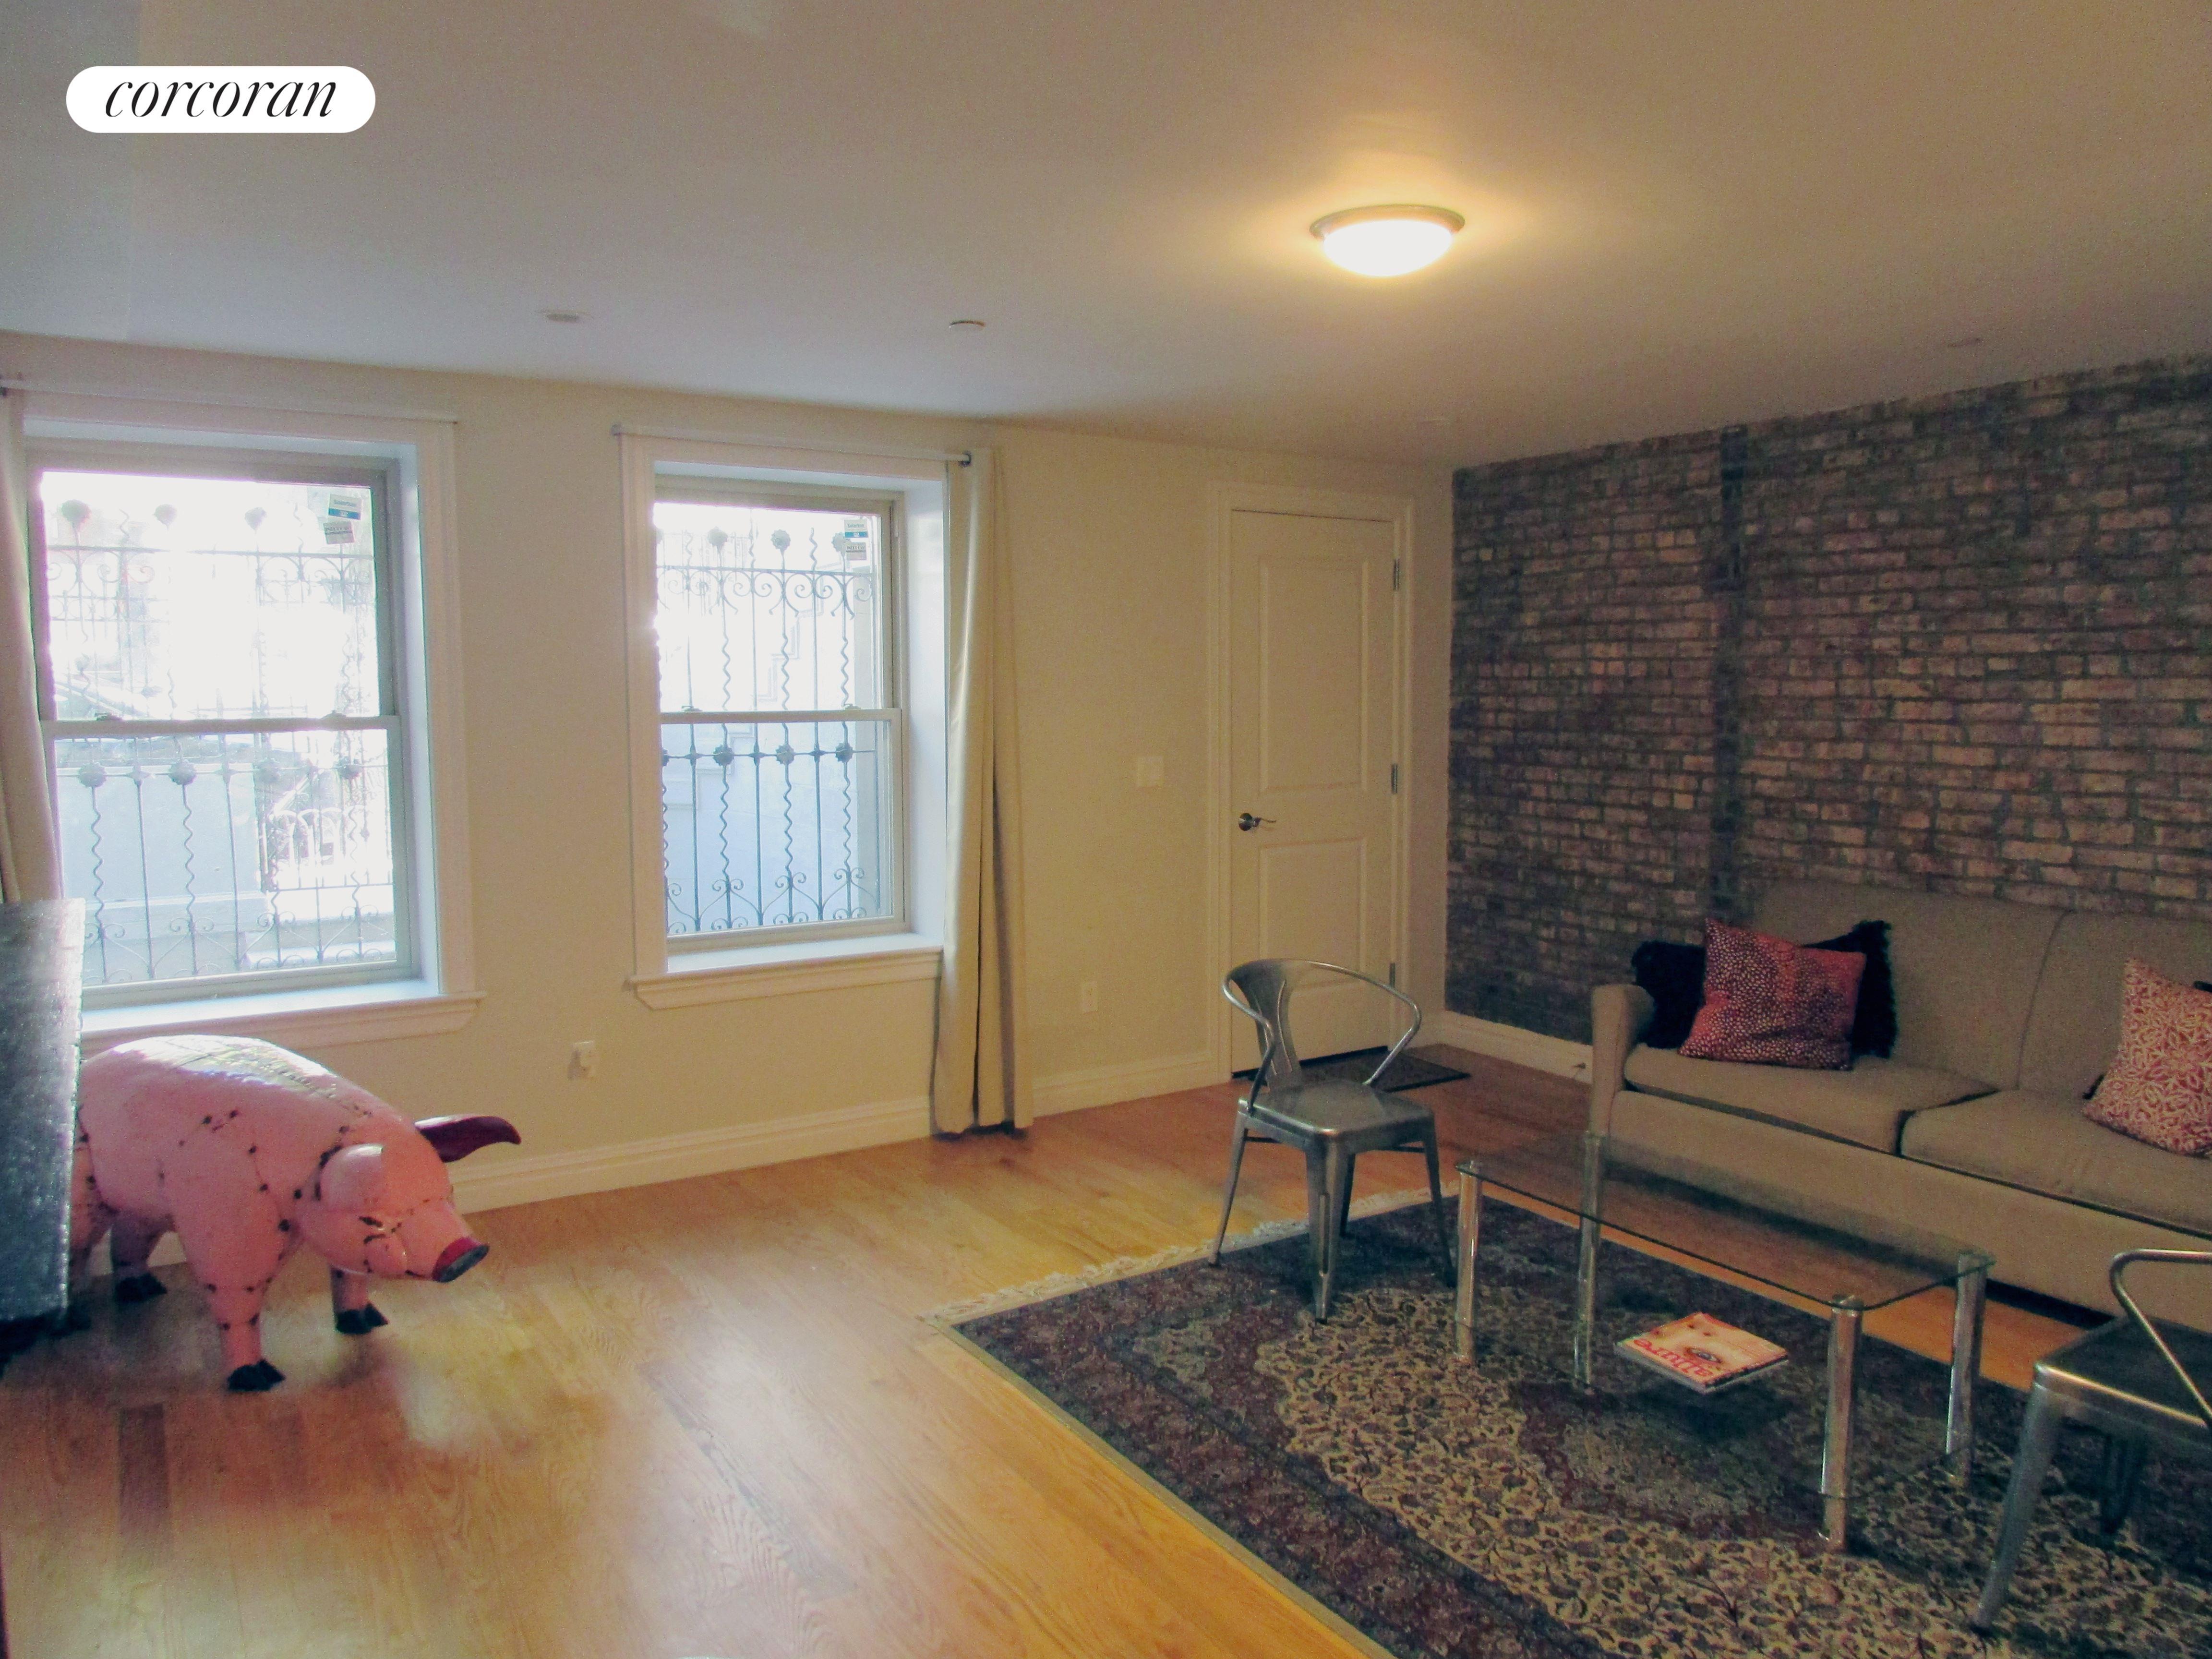 Corcoran, 558 West 162nd Street, Apt. Garden, Washington Heights ...